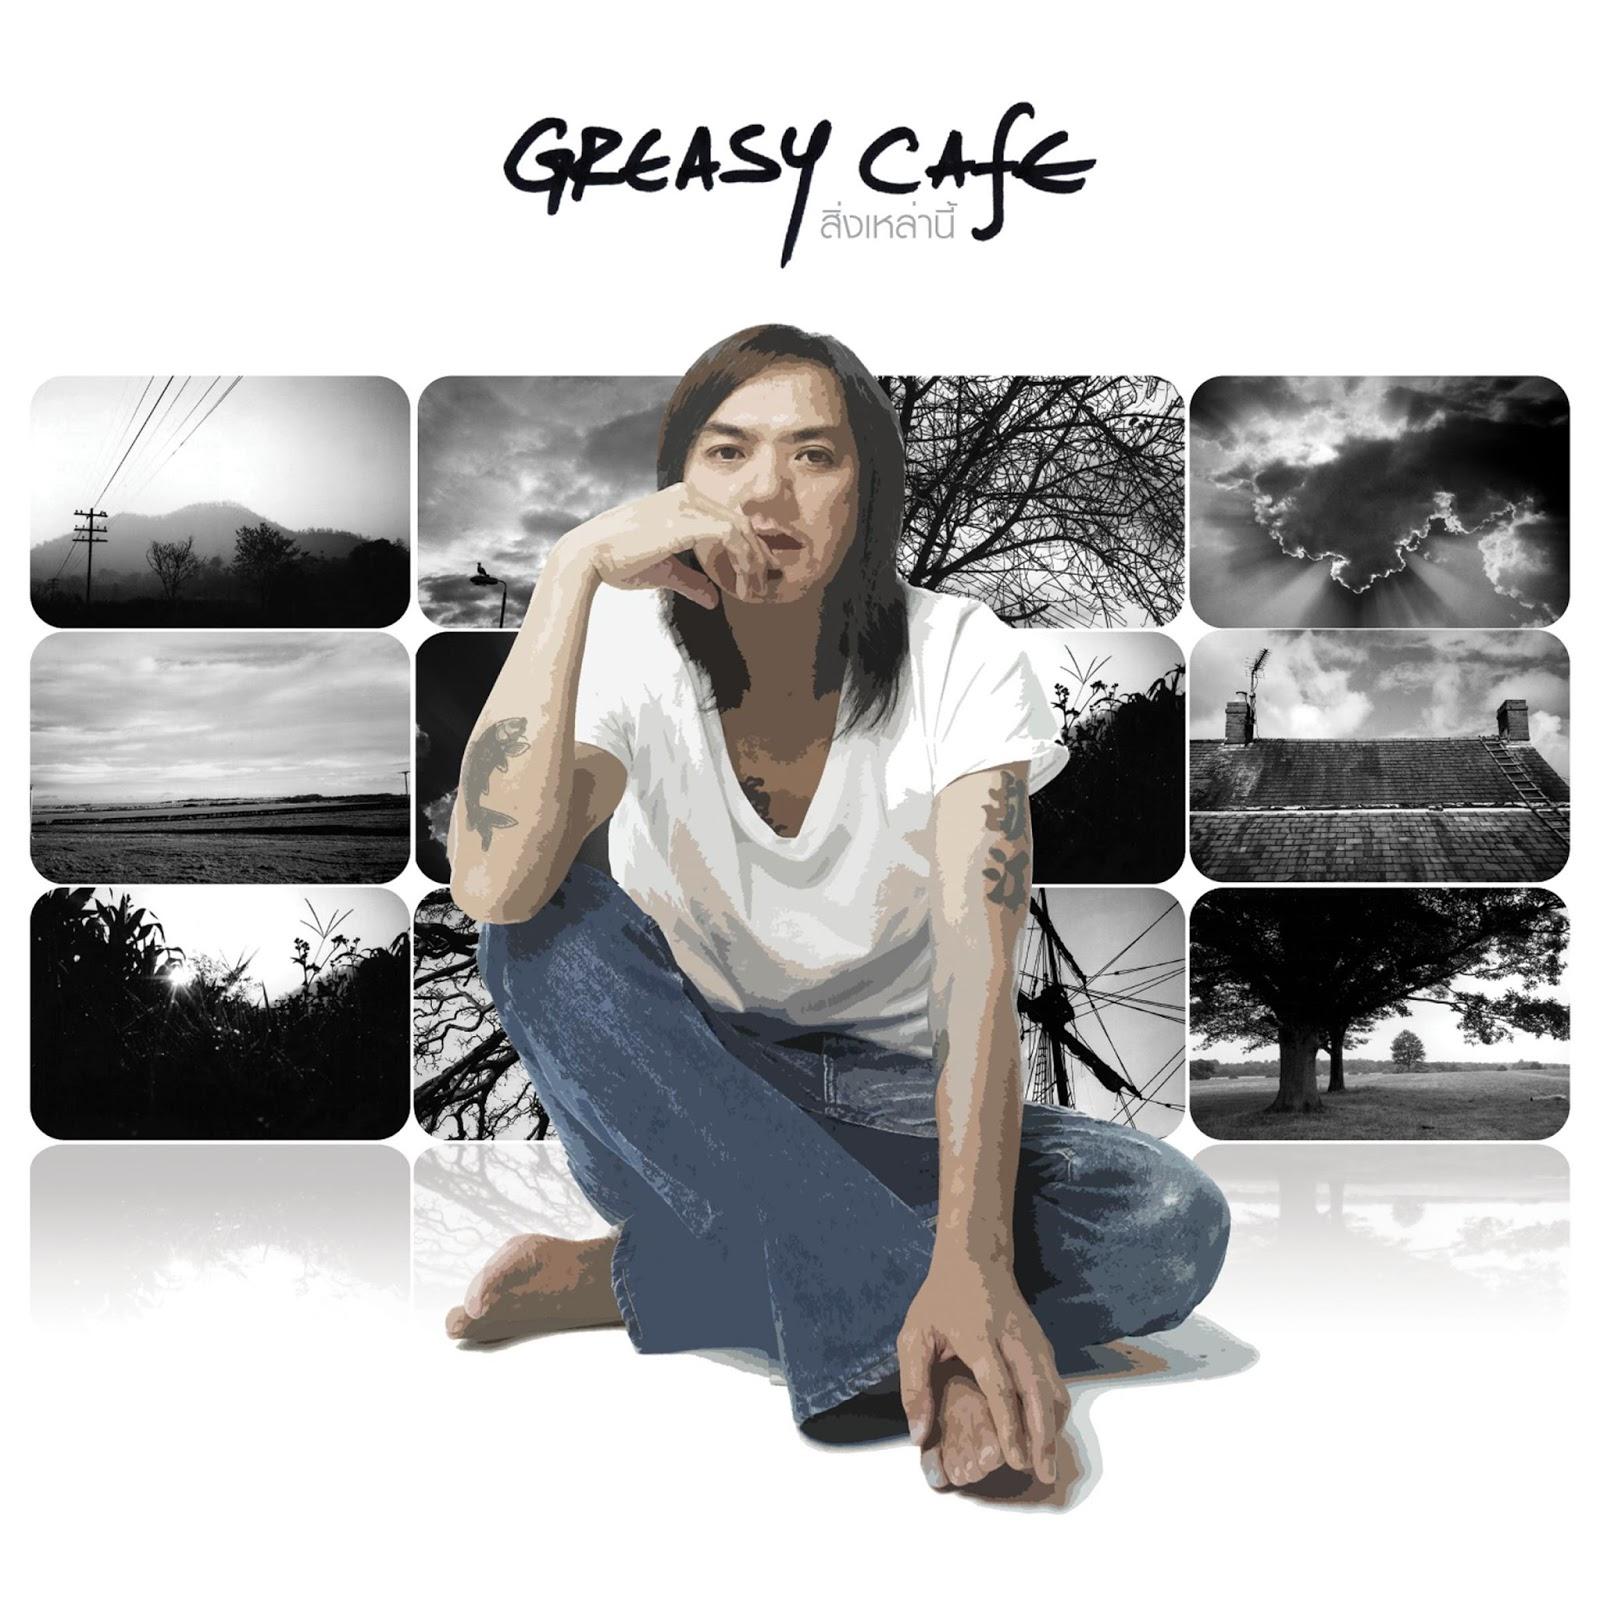 สิ่งเหล่านี้ : Greasy Cafe